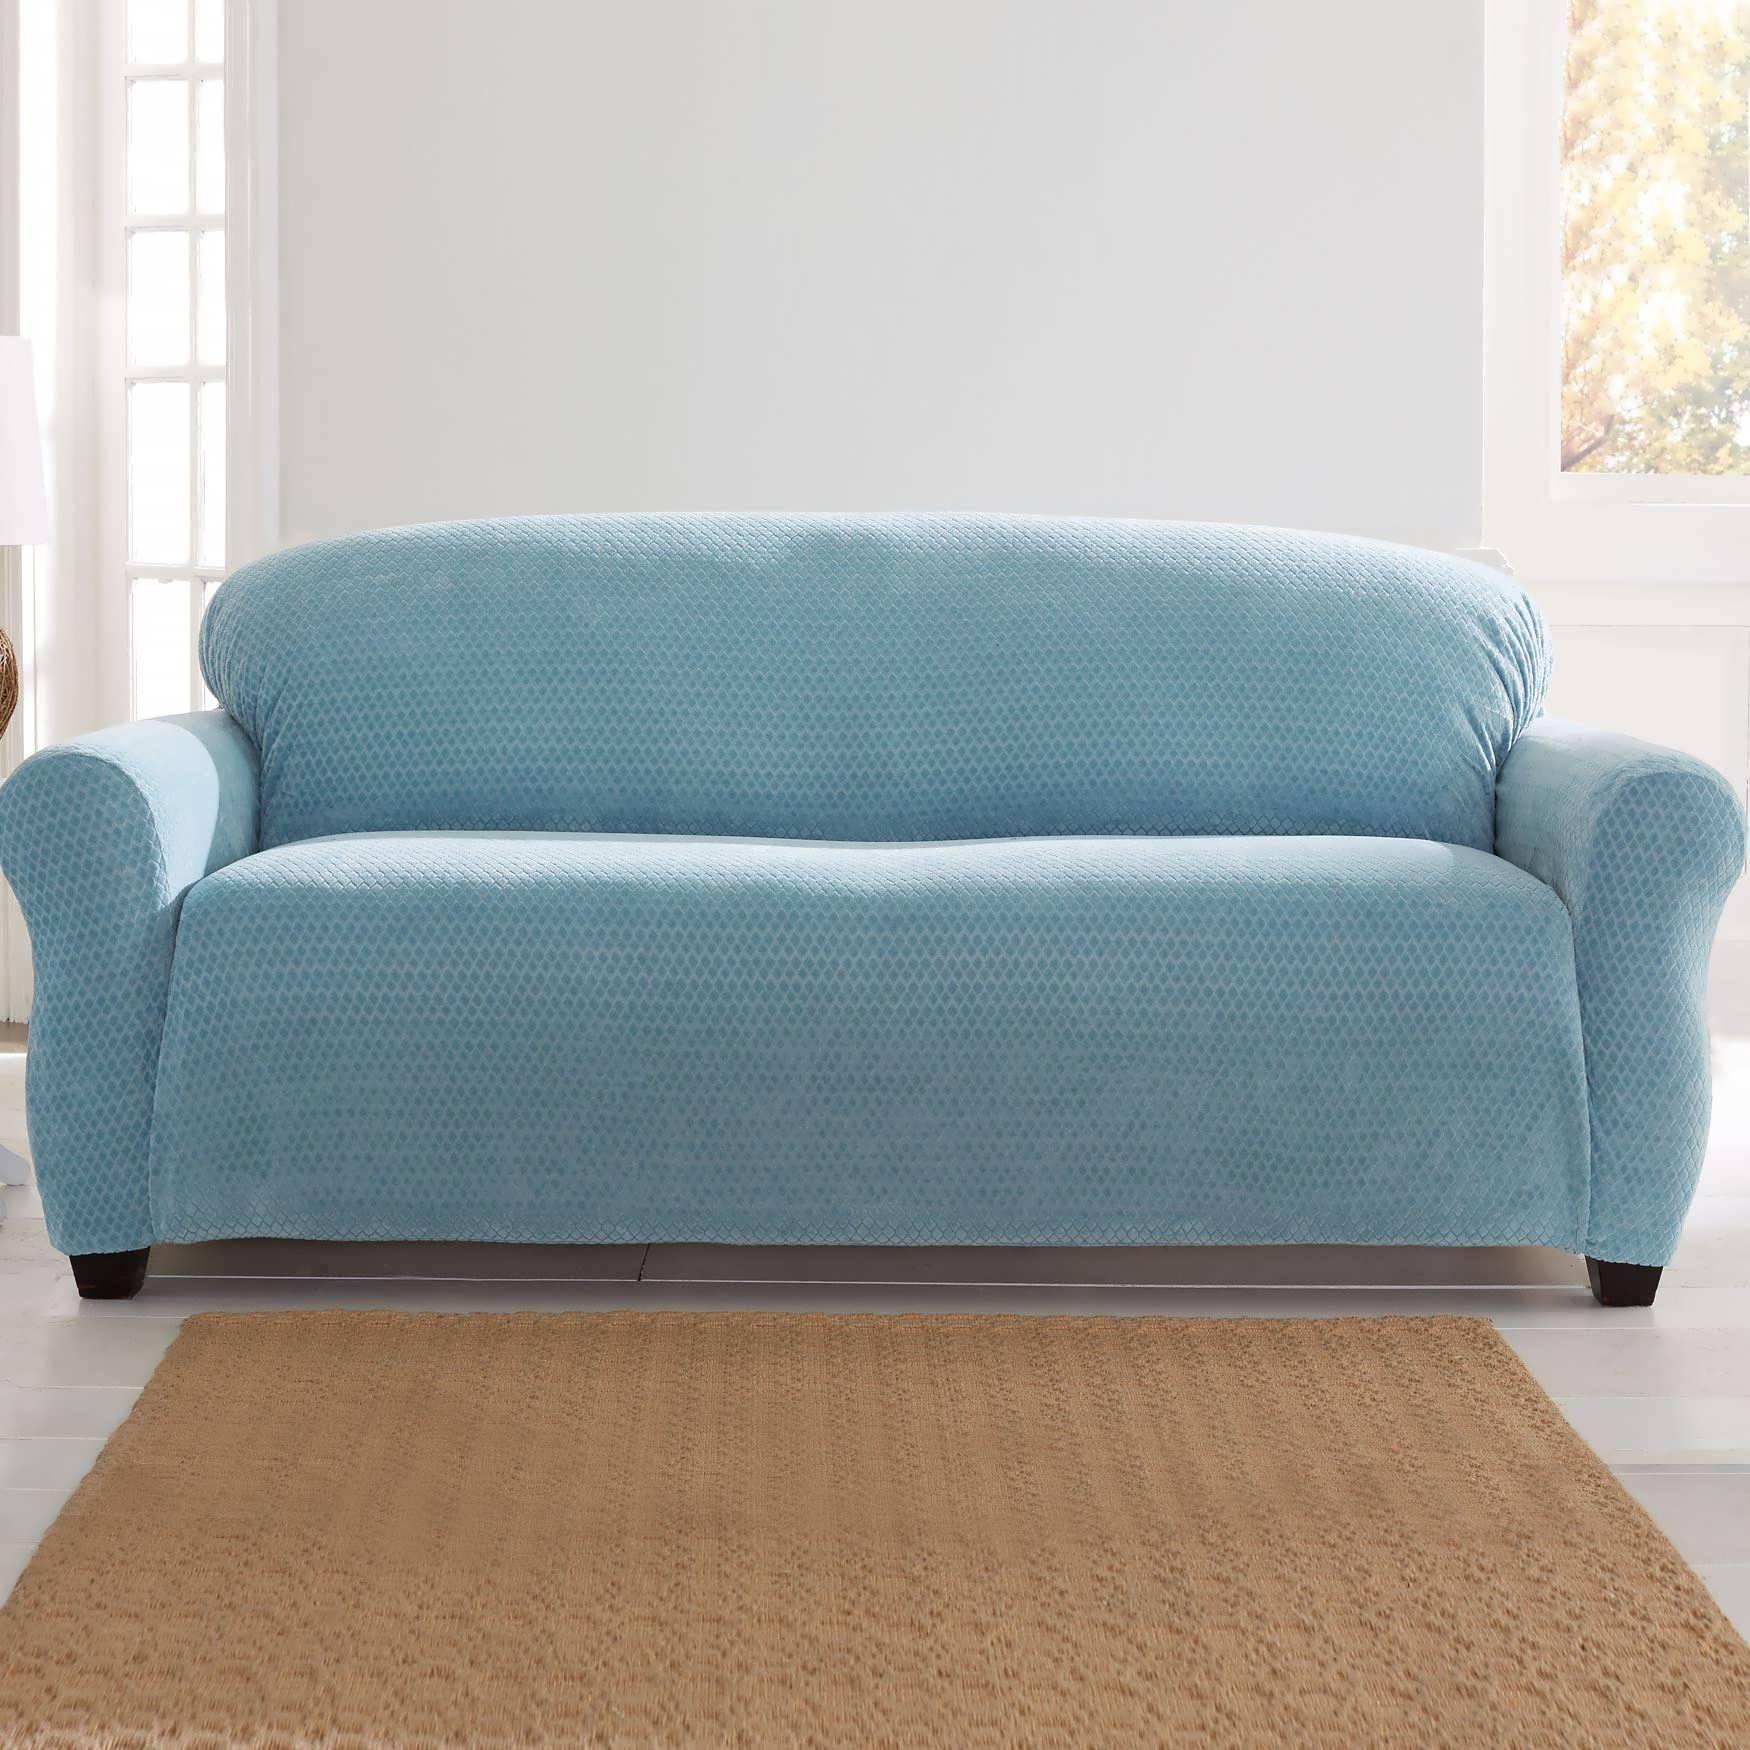 Sofa : Bob Furniture Sofa Shabby Chic Sofa Sofa Beds Sofa with regard to Shabby Chic Sofa Slipcovers (Image 12 of 15)